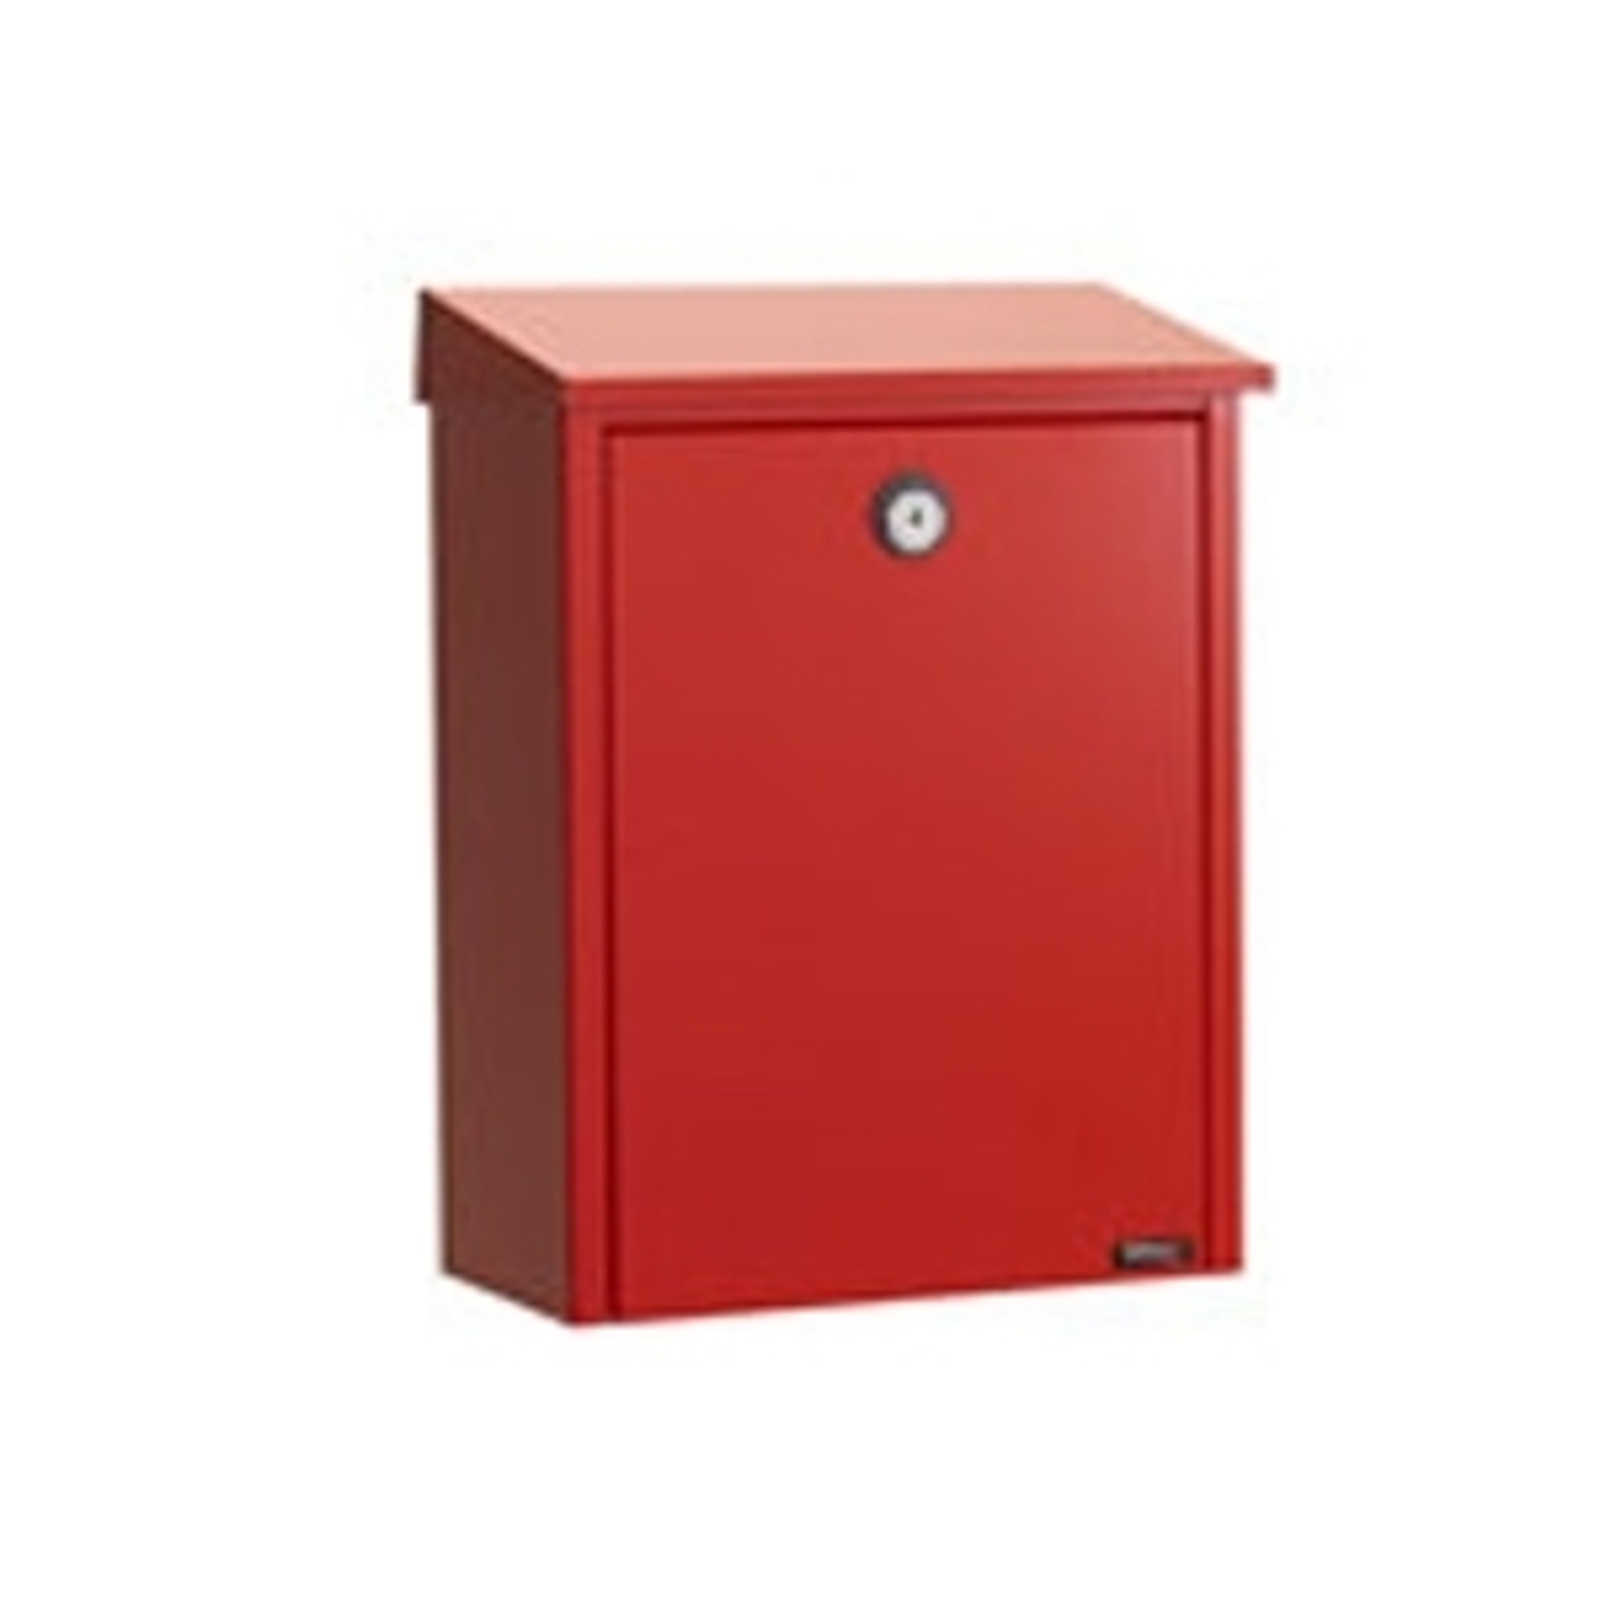 Einfacher Briefkasten aus Stahl, rot